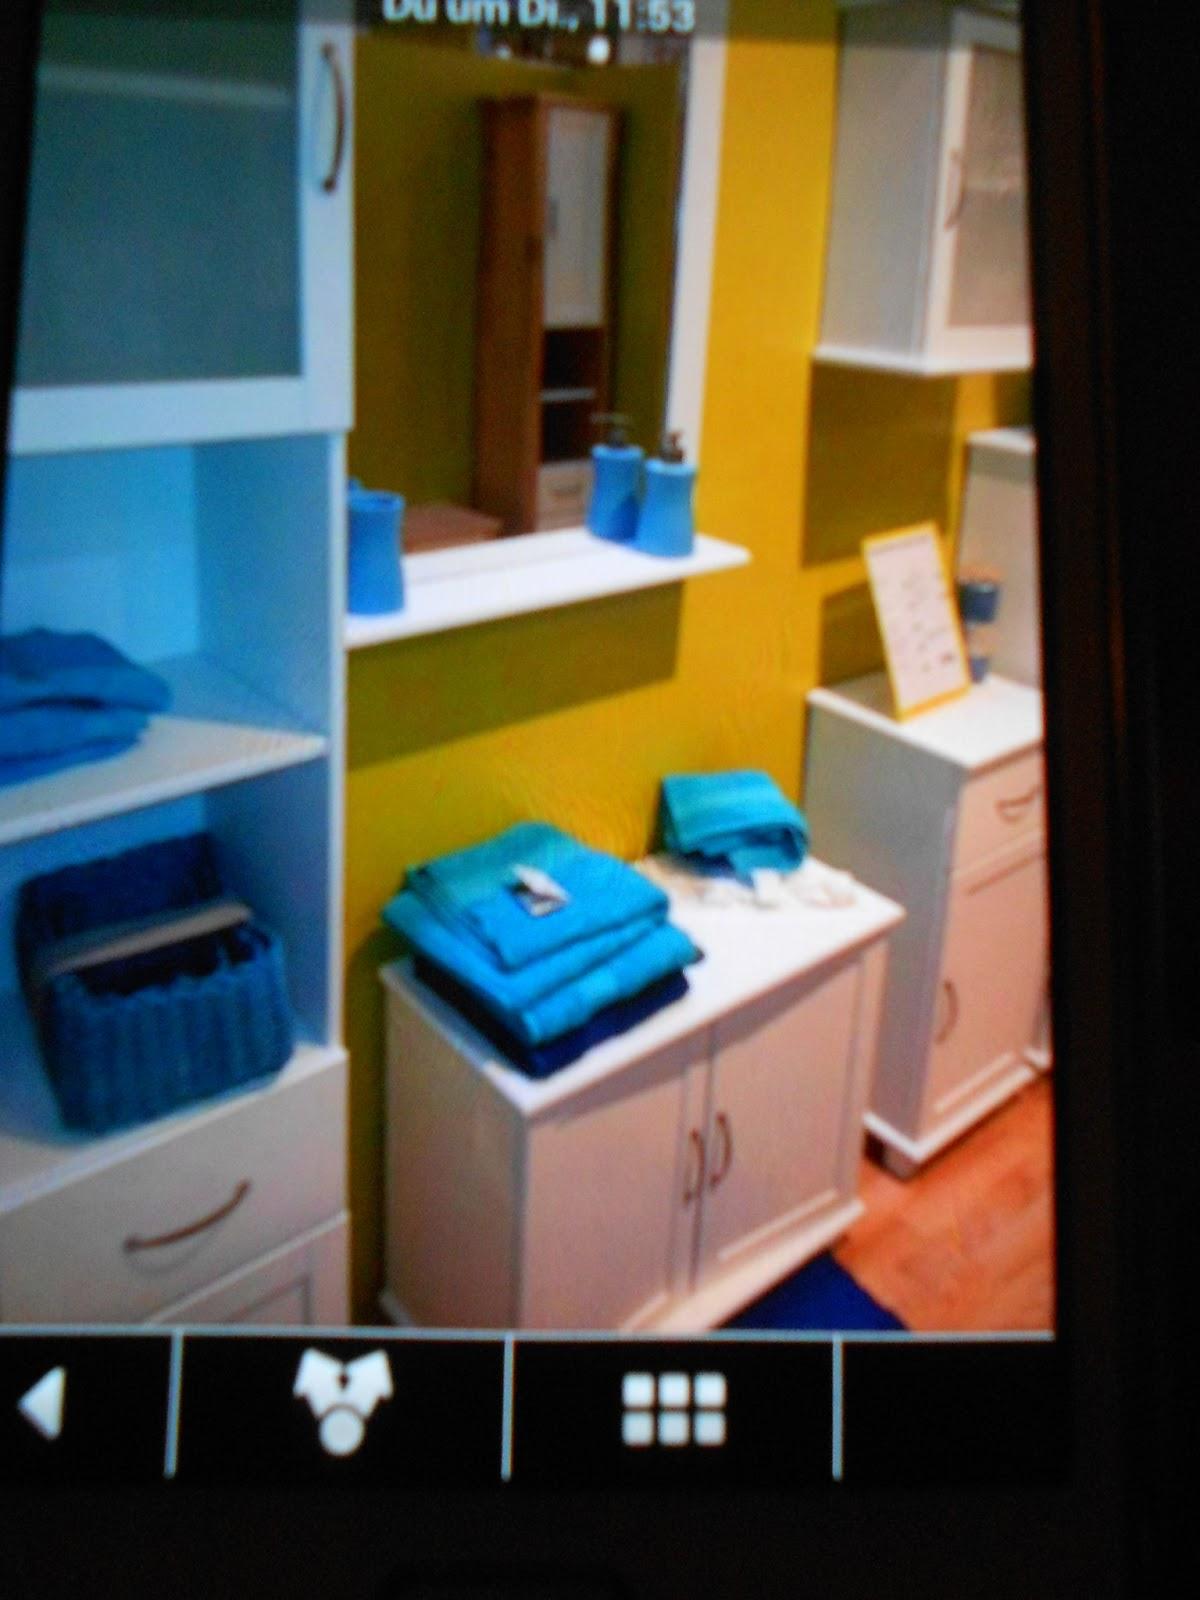 wohnmobilistin badezimmer odyssee die zweite. Black Bedroom Furniture Sets. Home Design Ideas